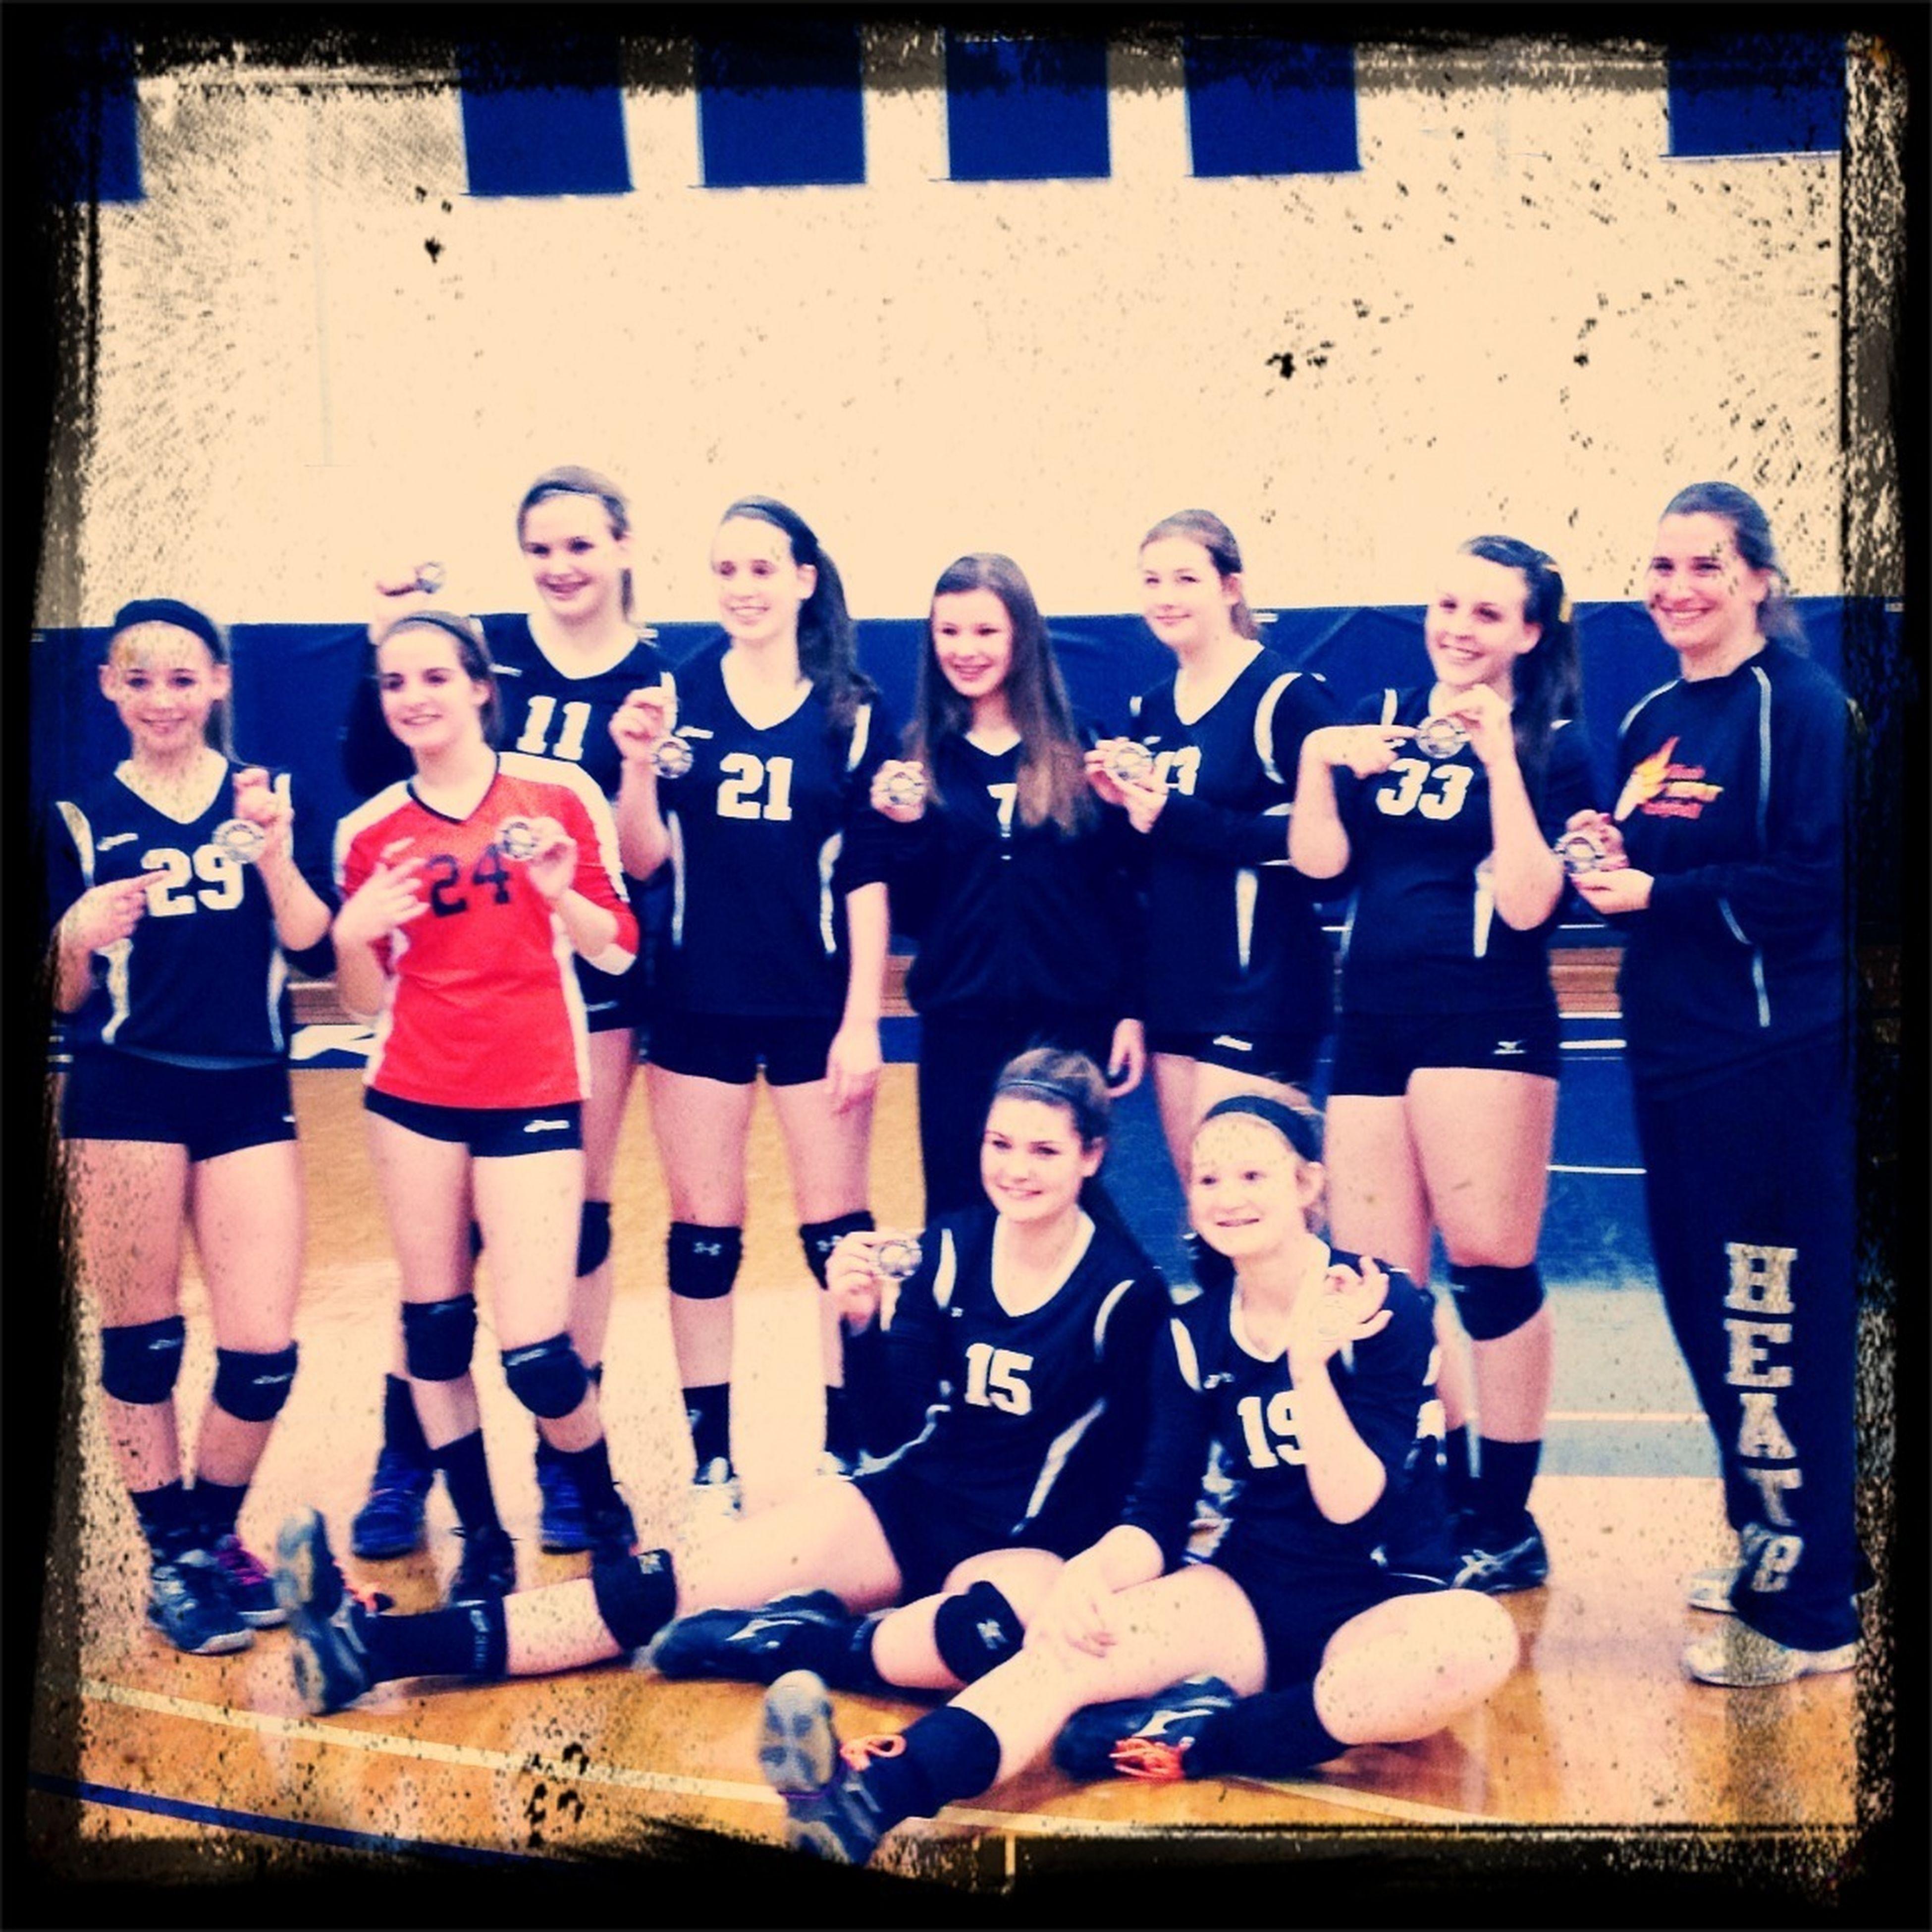 My Team Winning